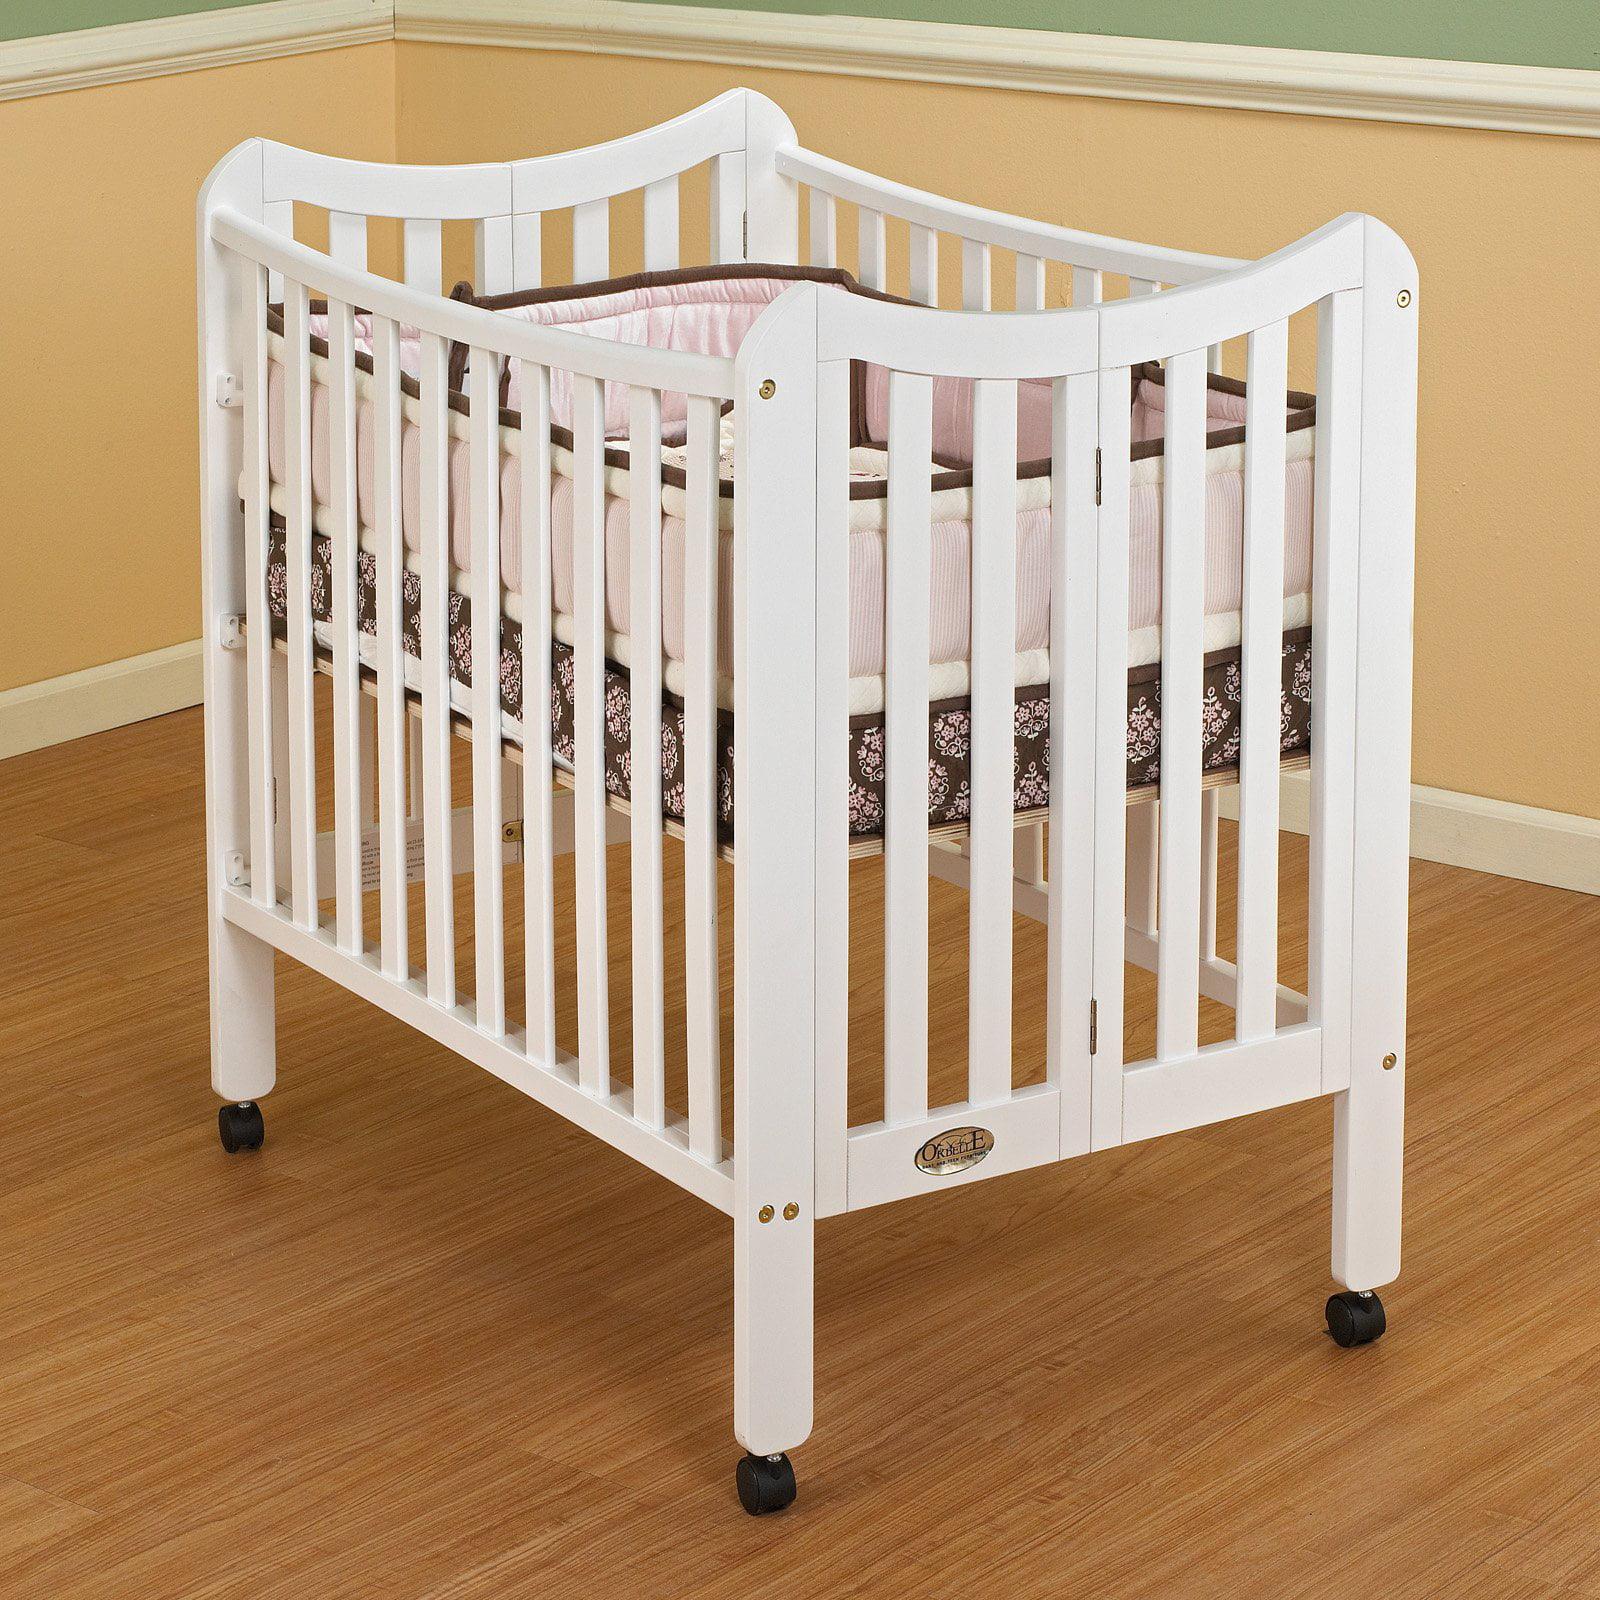 Orbelle Tian Three Level Portable Crib - White